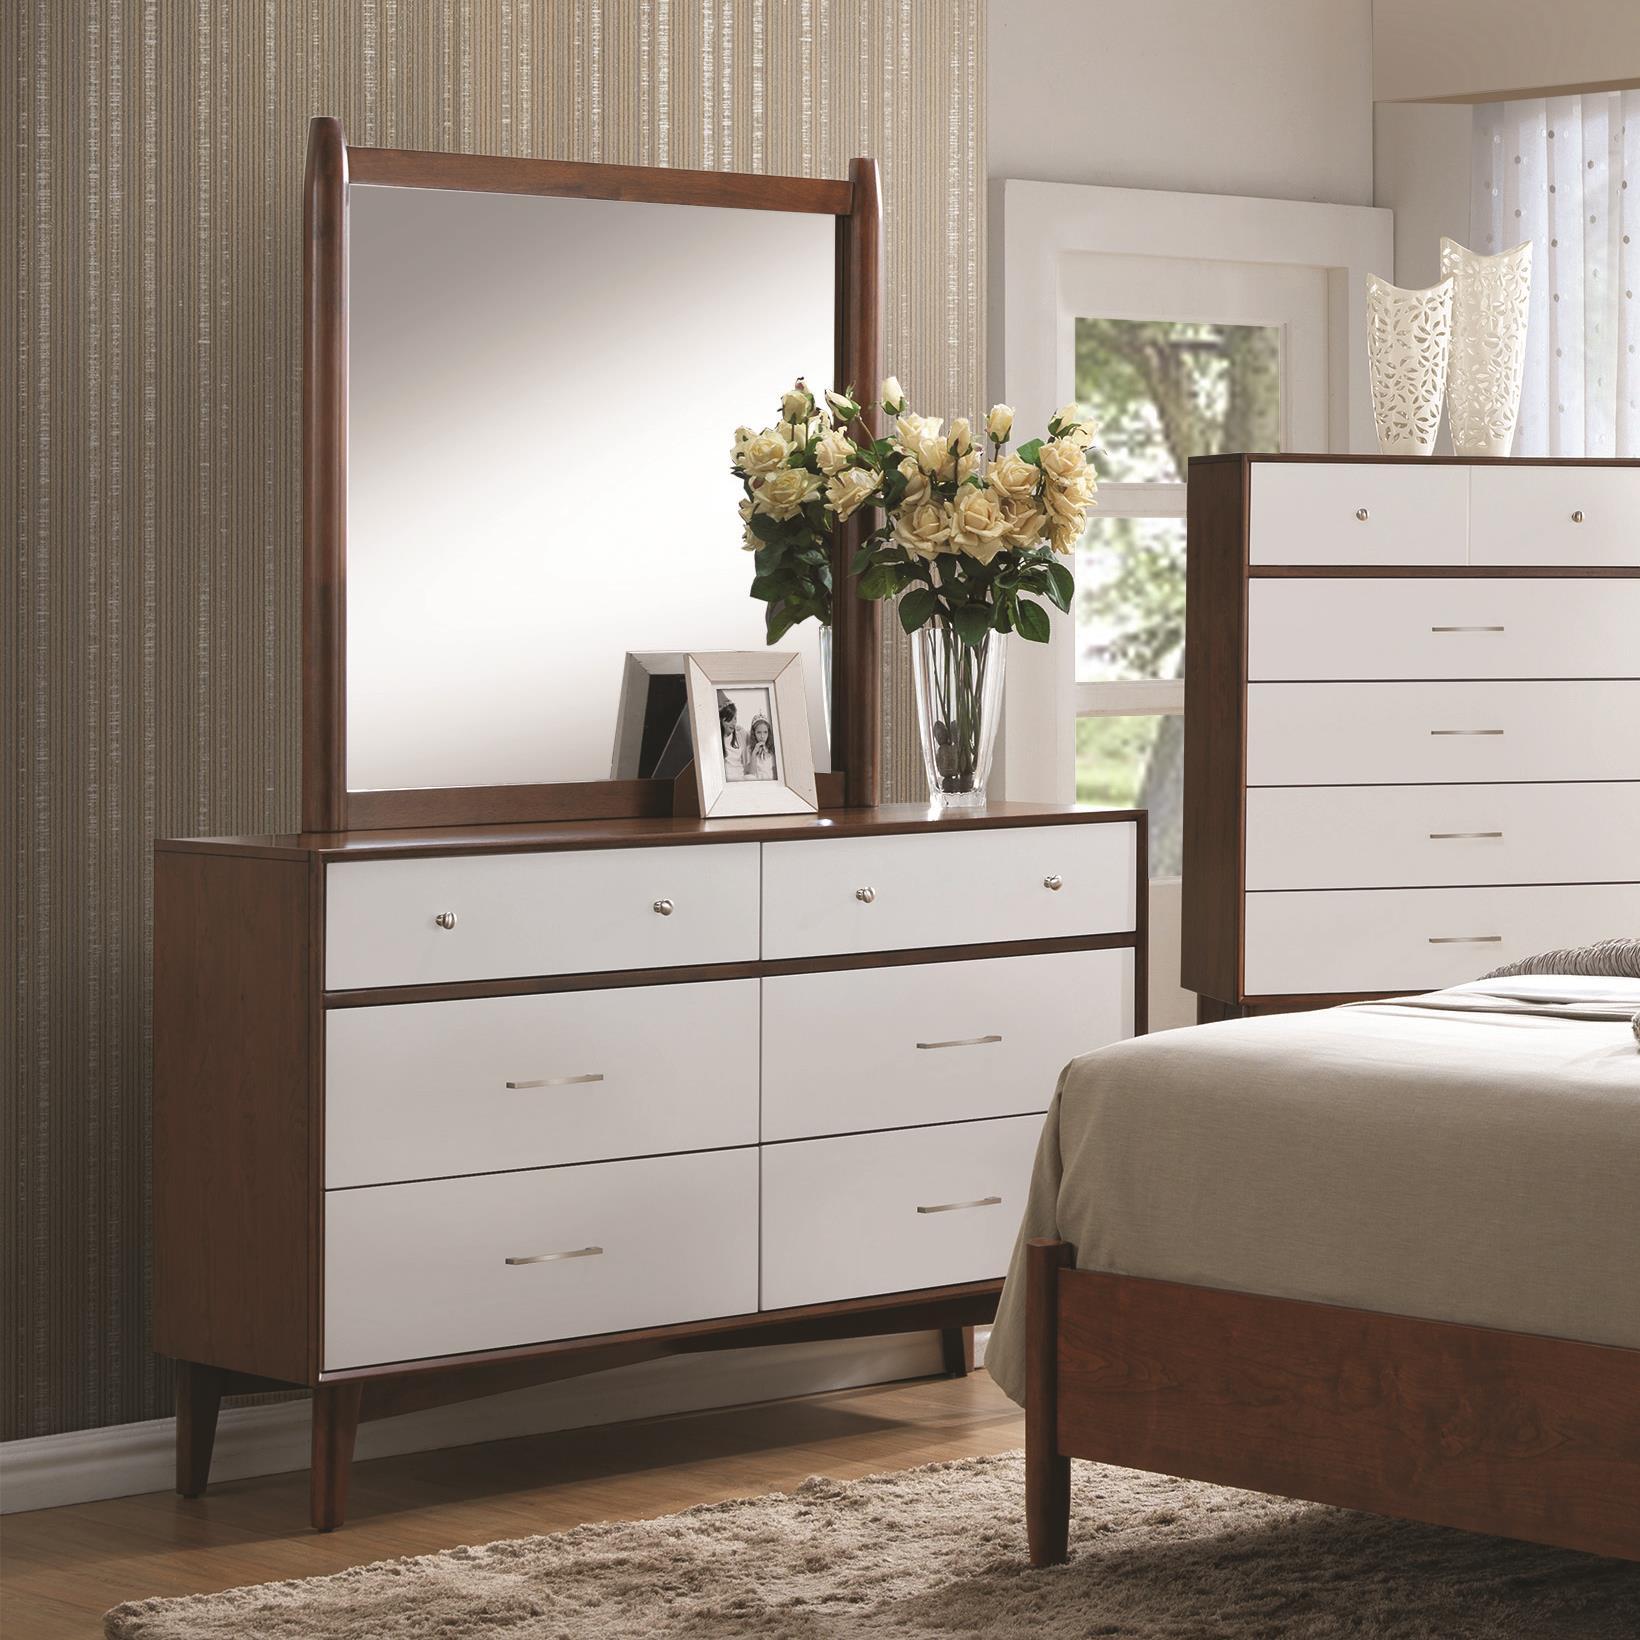 Coaster Oakwood Dresser and Mirror Set - Item Number: 204303+04